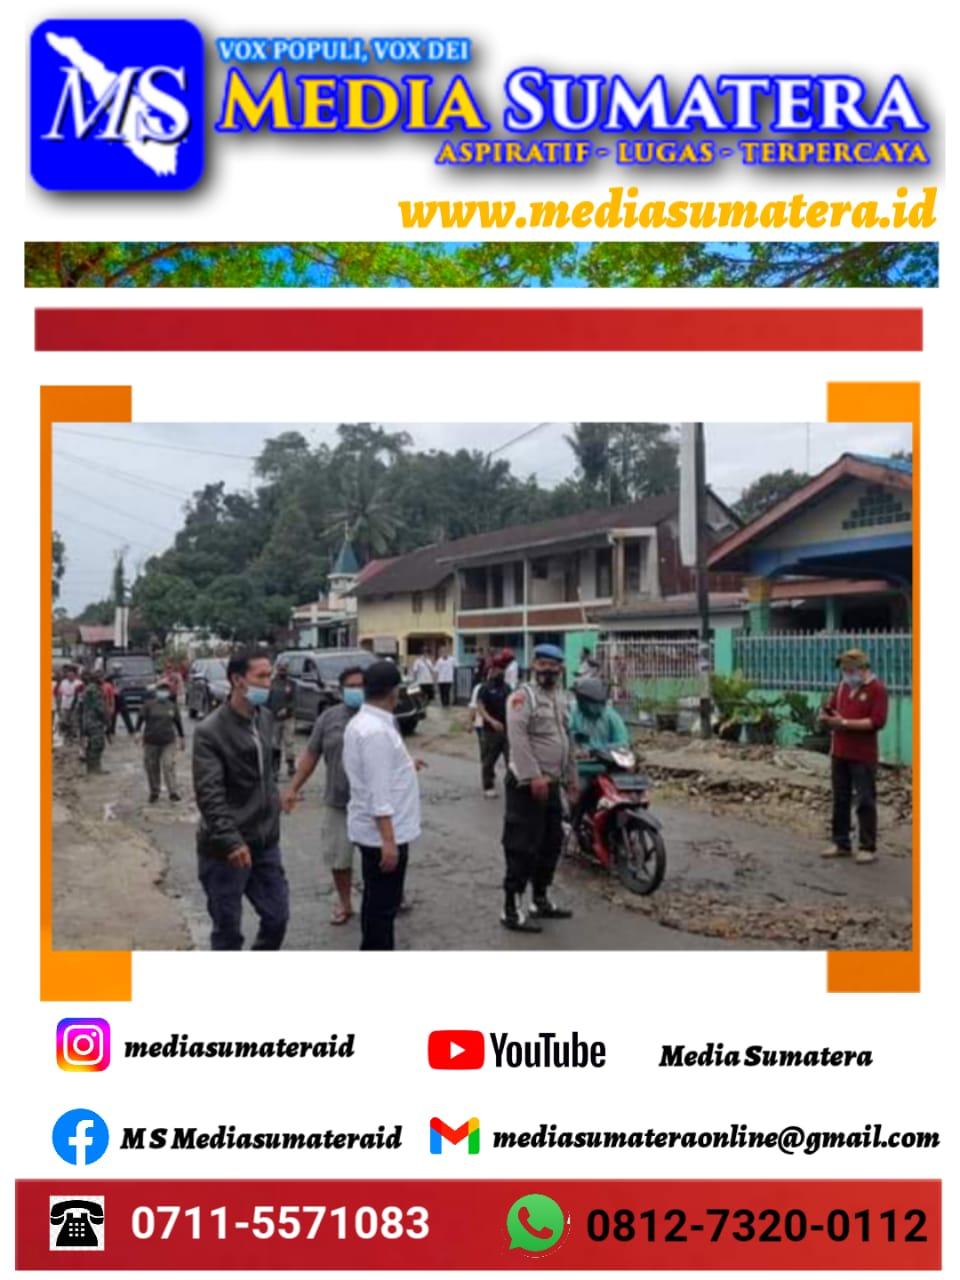 Bupati Simalungun Radiapoh Hasiholan Sinaga berpesan agar pembangunan di Kabupaten Simalungun harus dilaksanakan secara menyeluruh